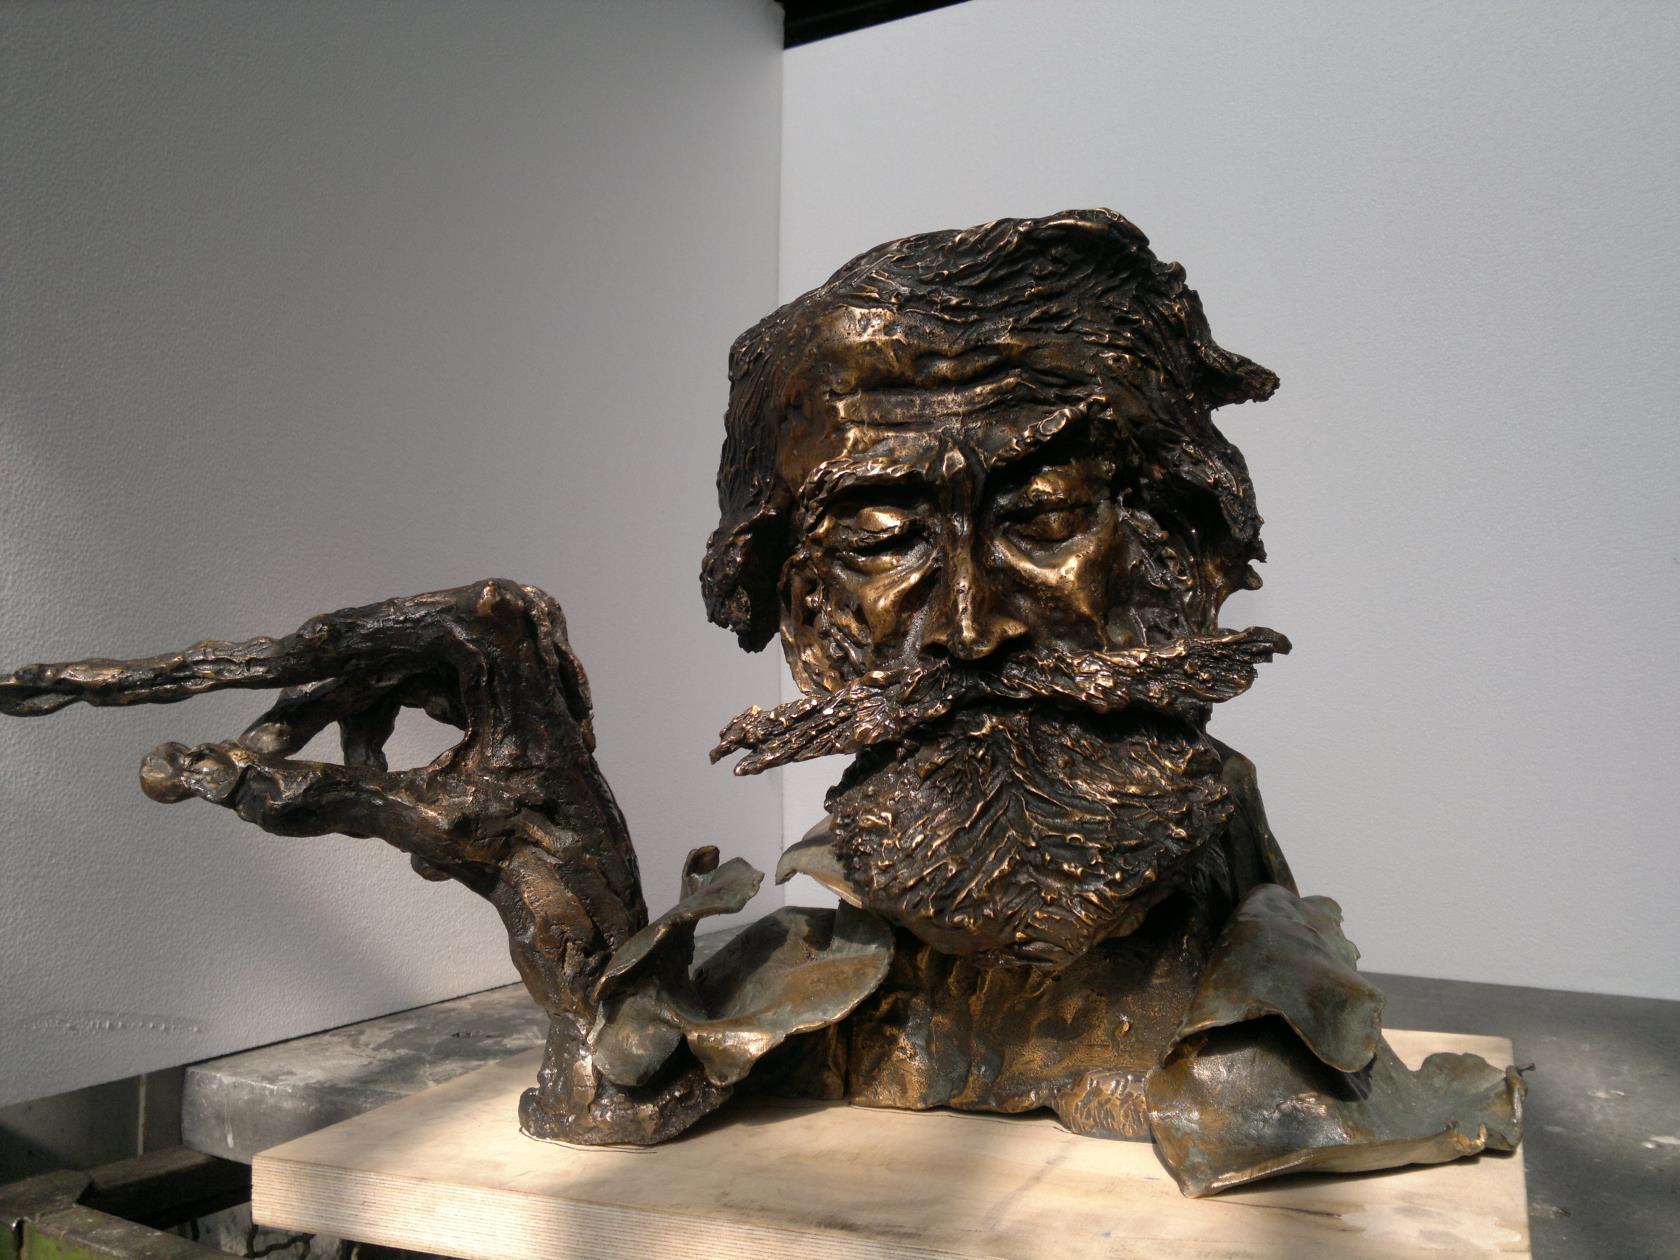 bronzo artistico